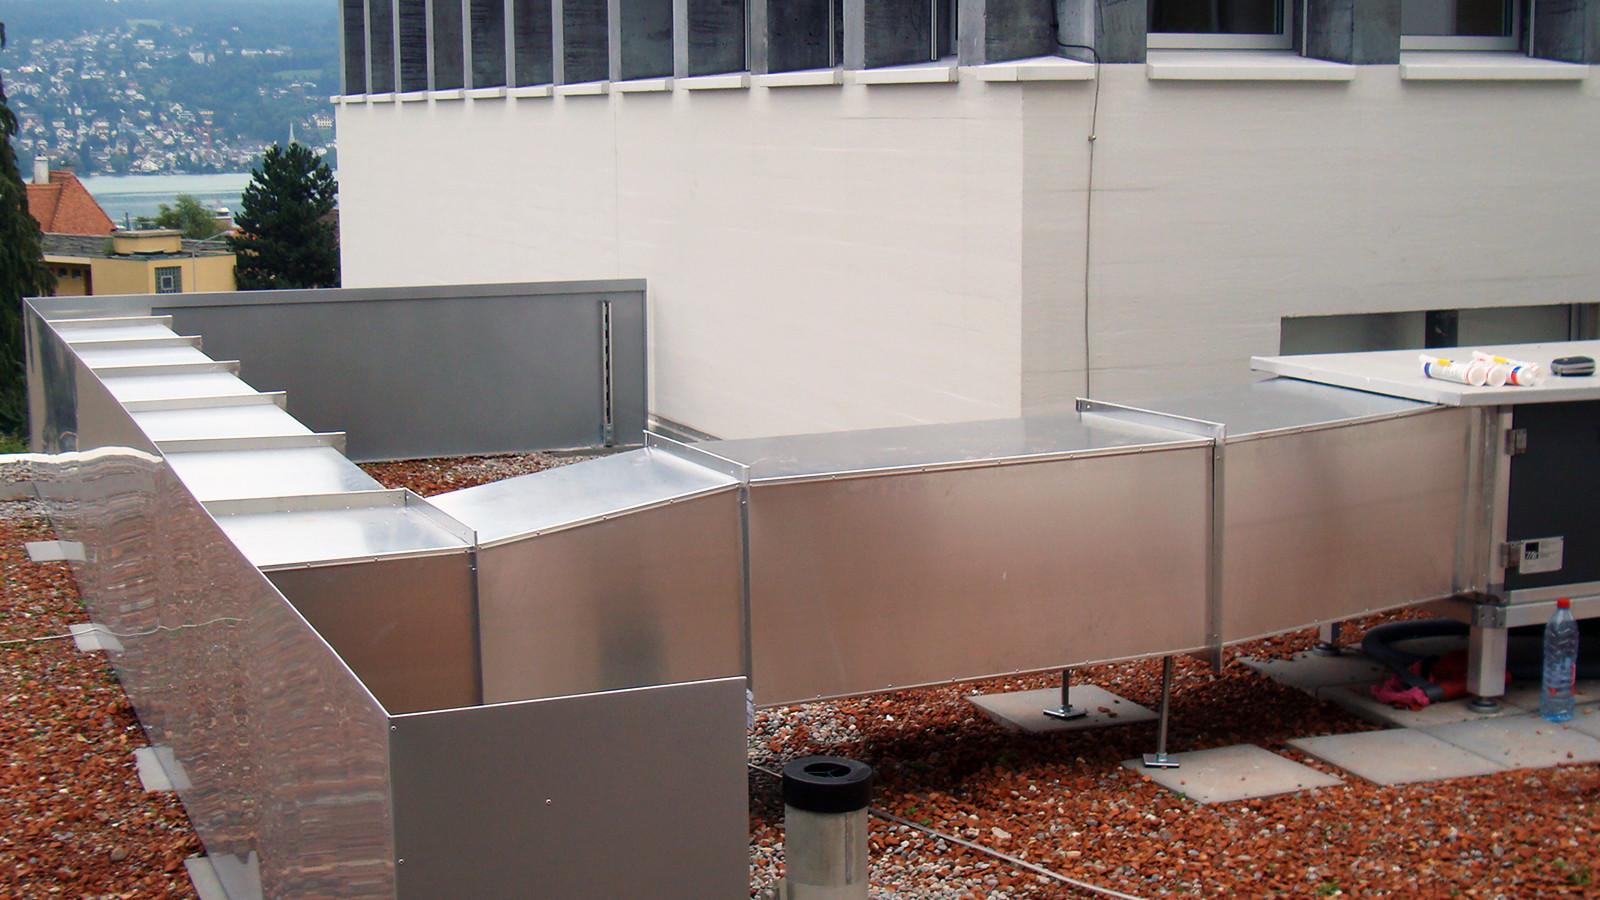 Lüftungs- und Klimaanlage thermisch isoliert, Alu glatt mit Sichtschutzwand